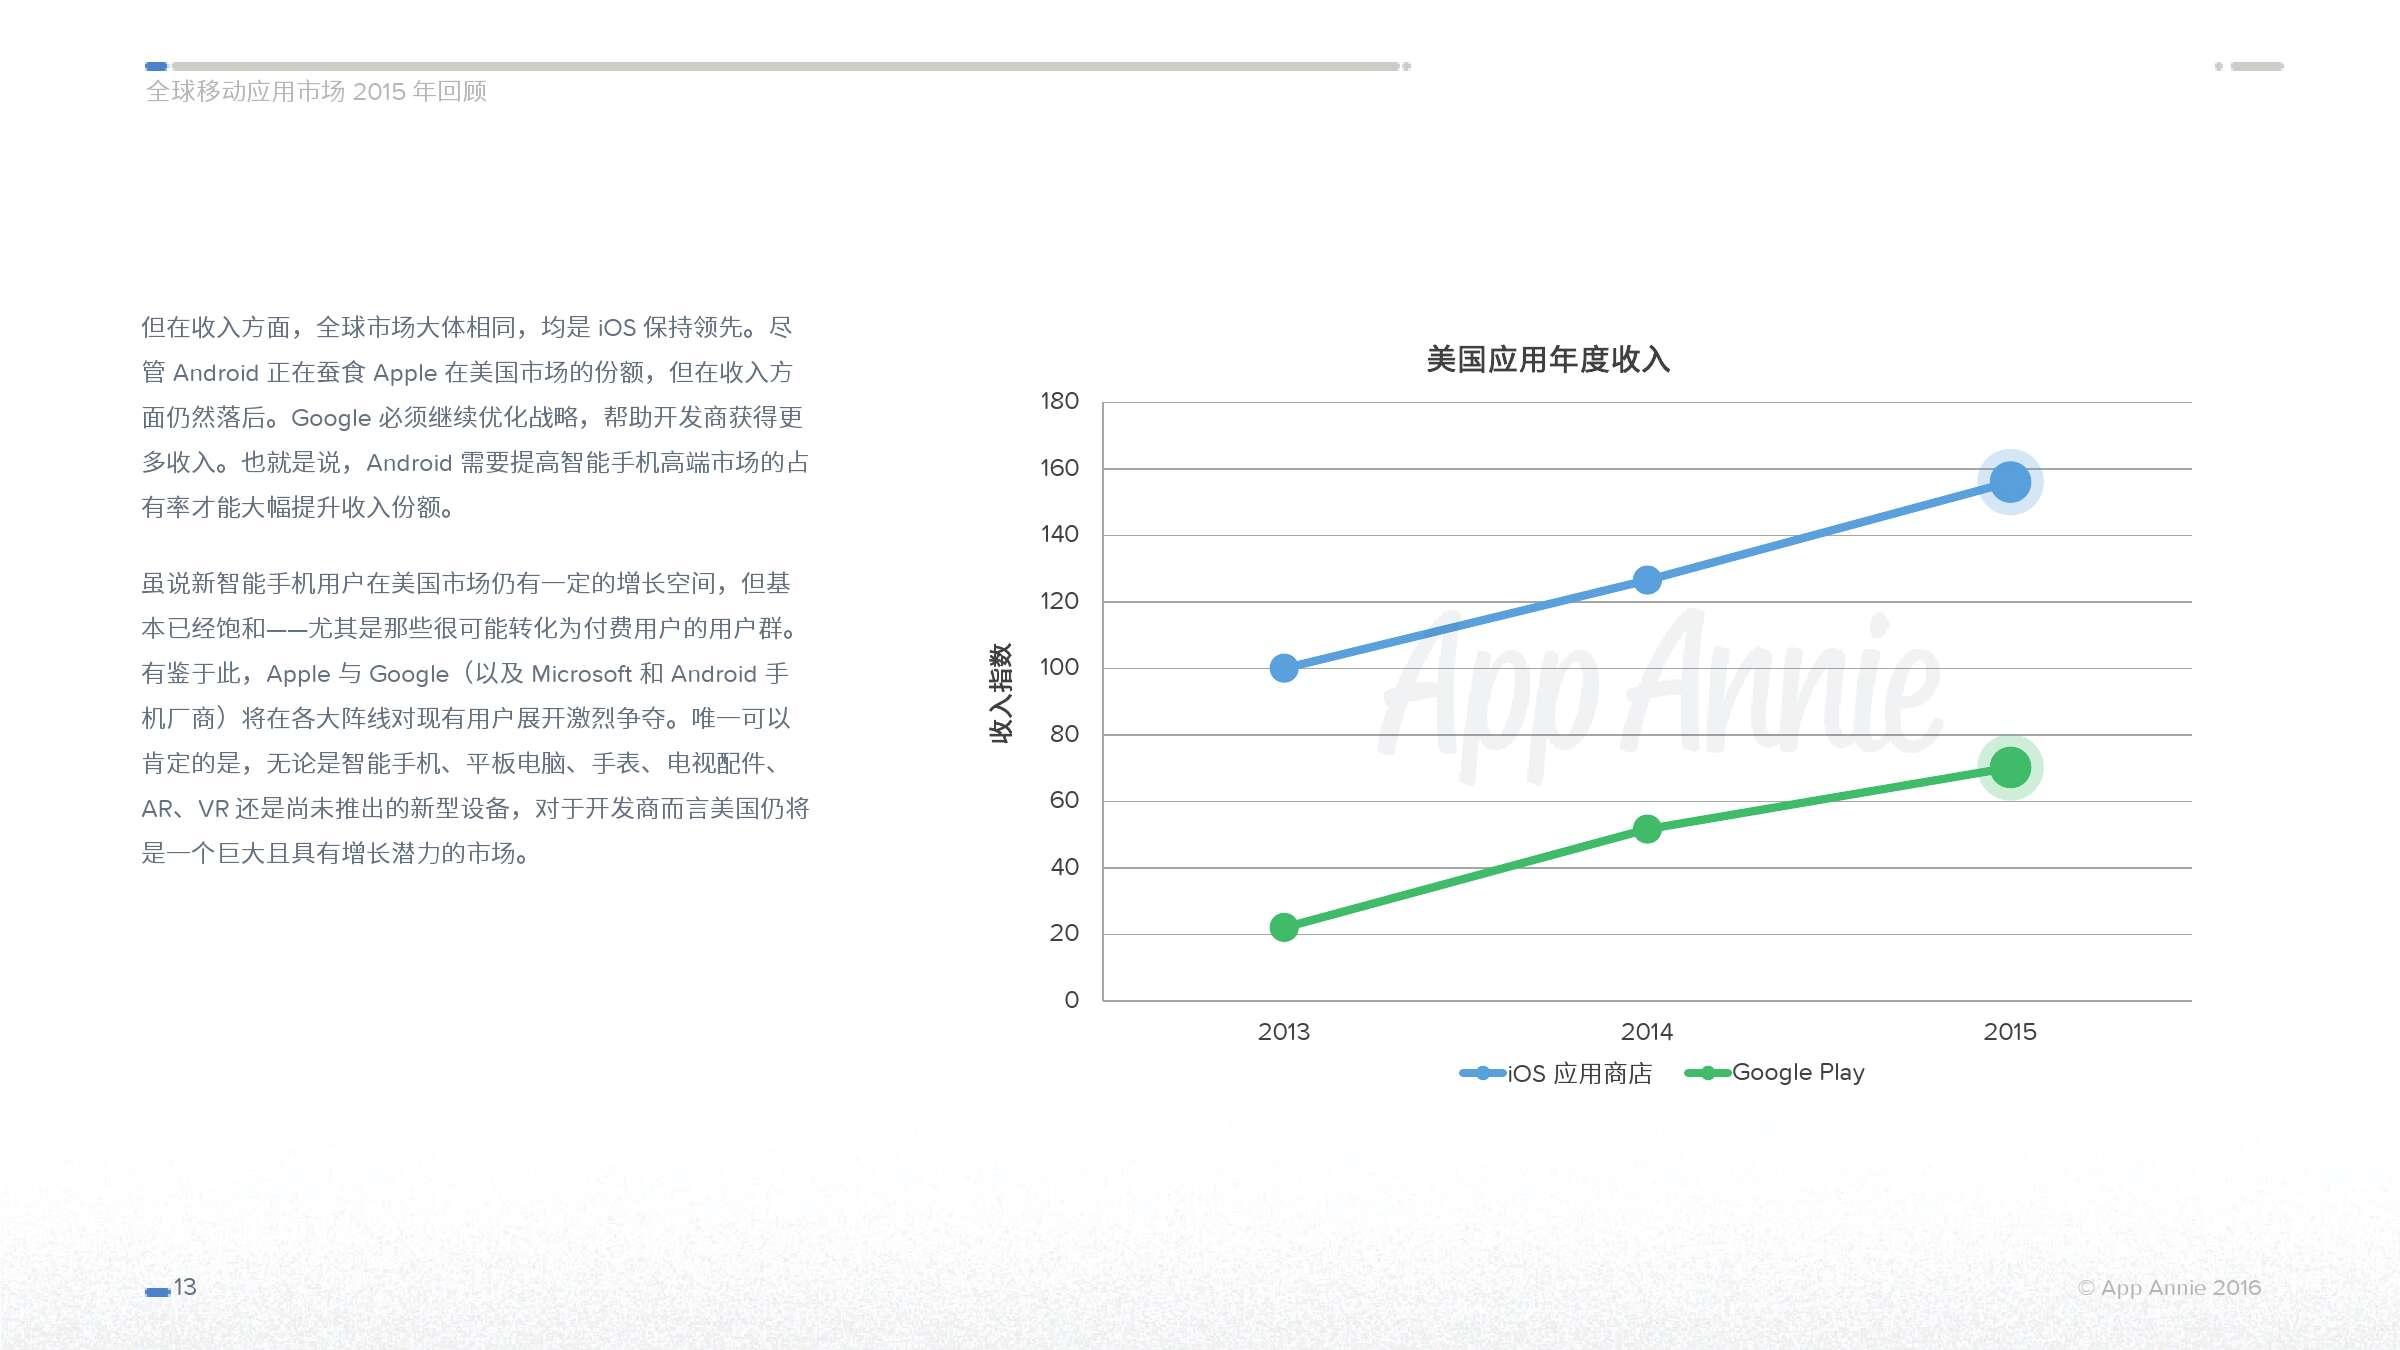 App Annie 全球移动应用市场 2015 年回顾_000013